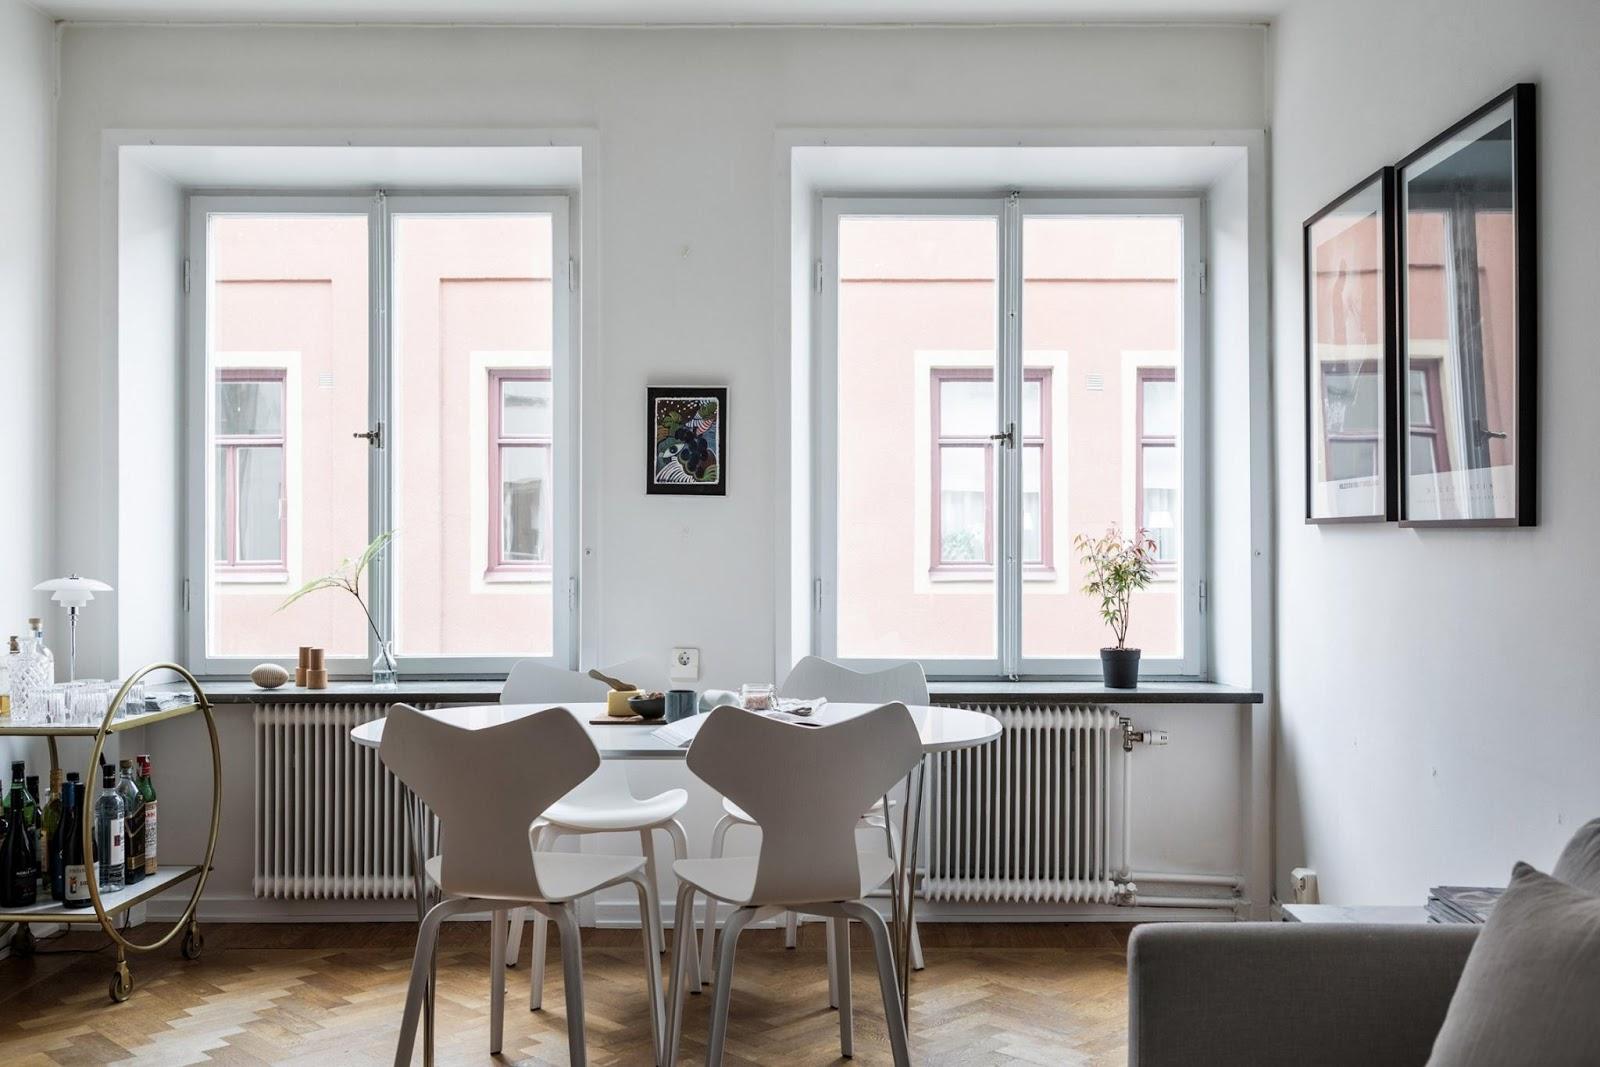 El blog de demarques muebles nordicos el estilo llegado for Muebles nordicos online